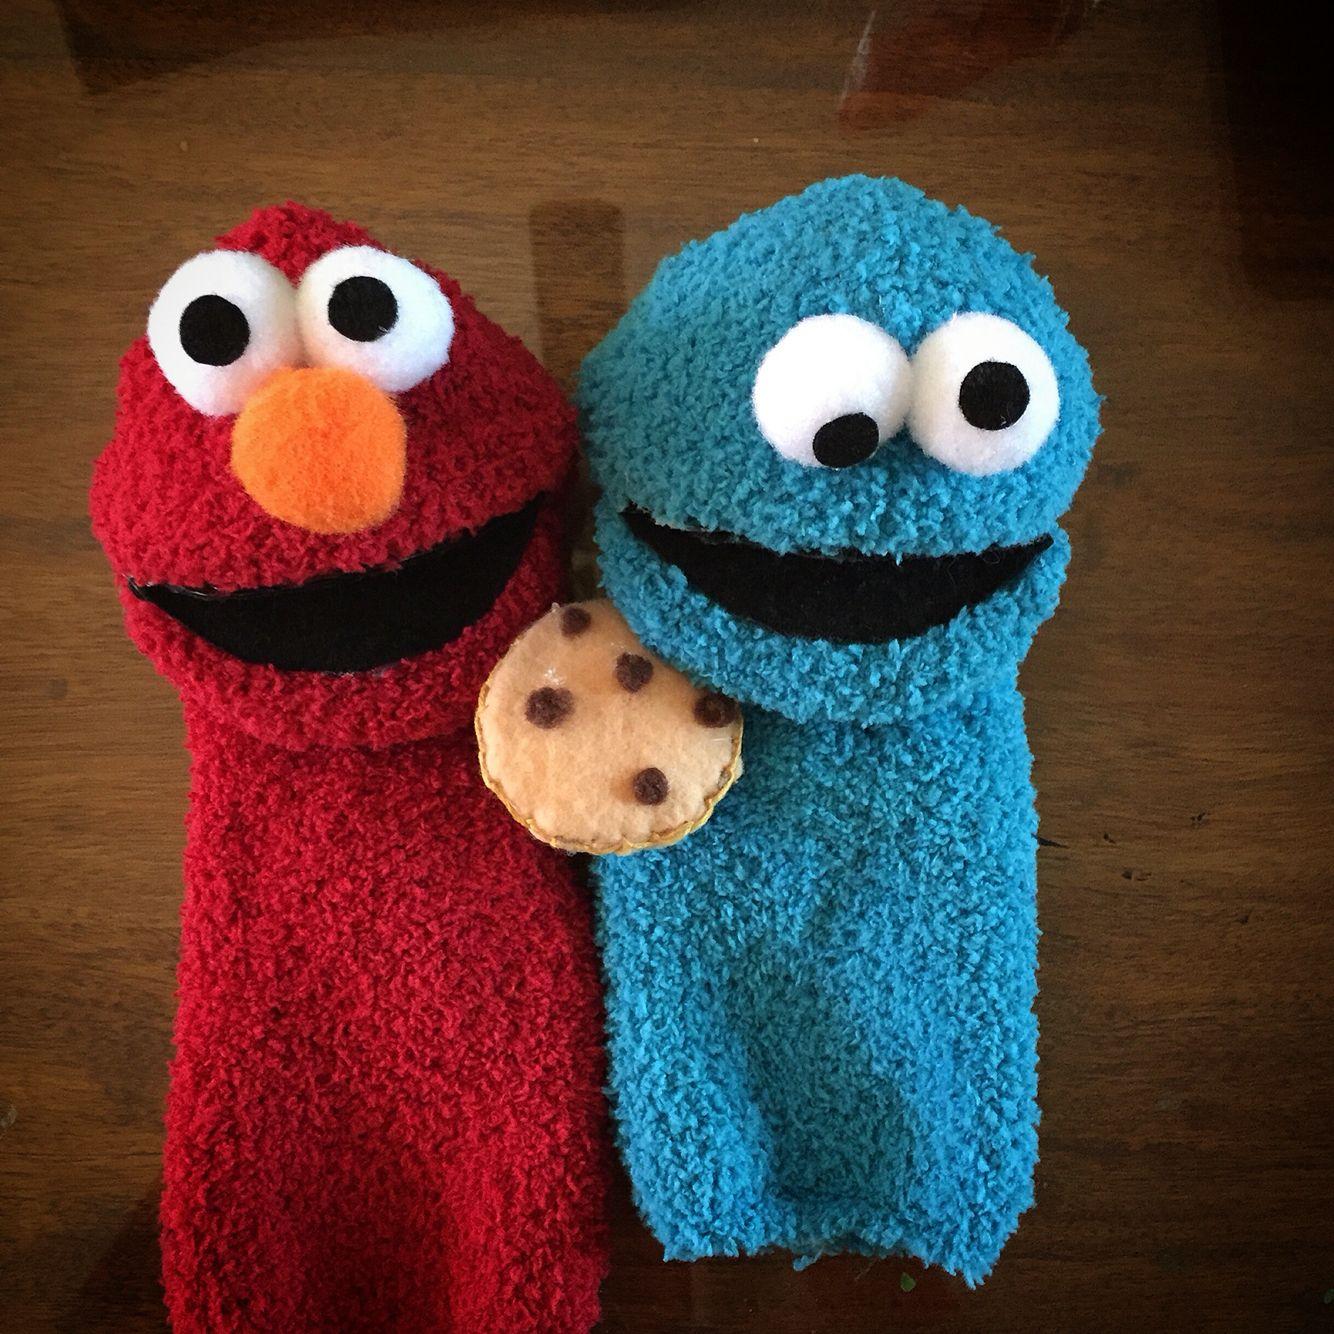 Elmo & Cookie Monster sock puppets | Preschool teacher